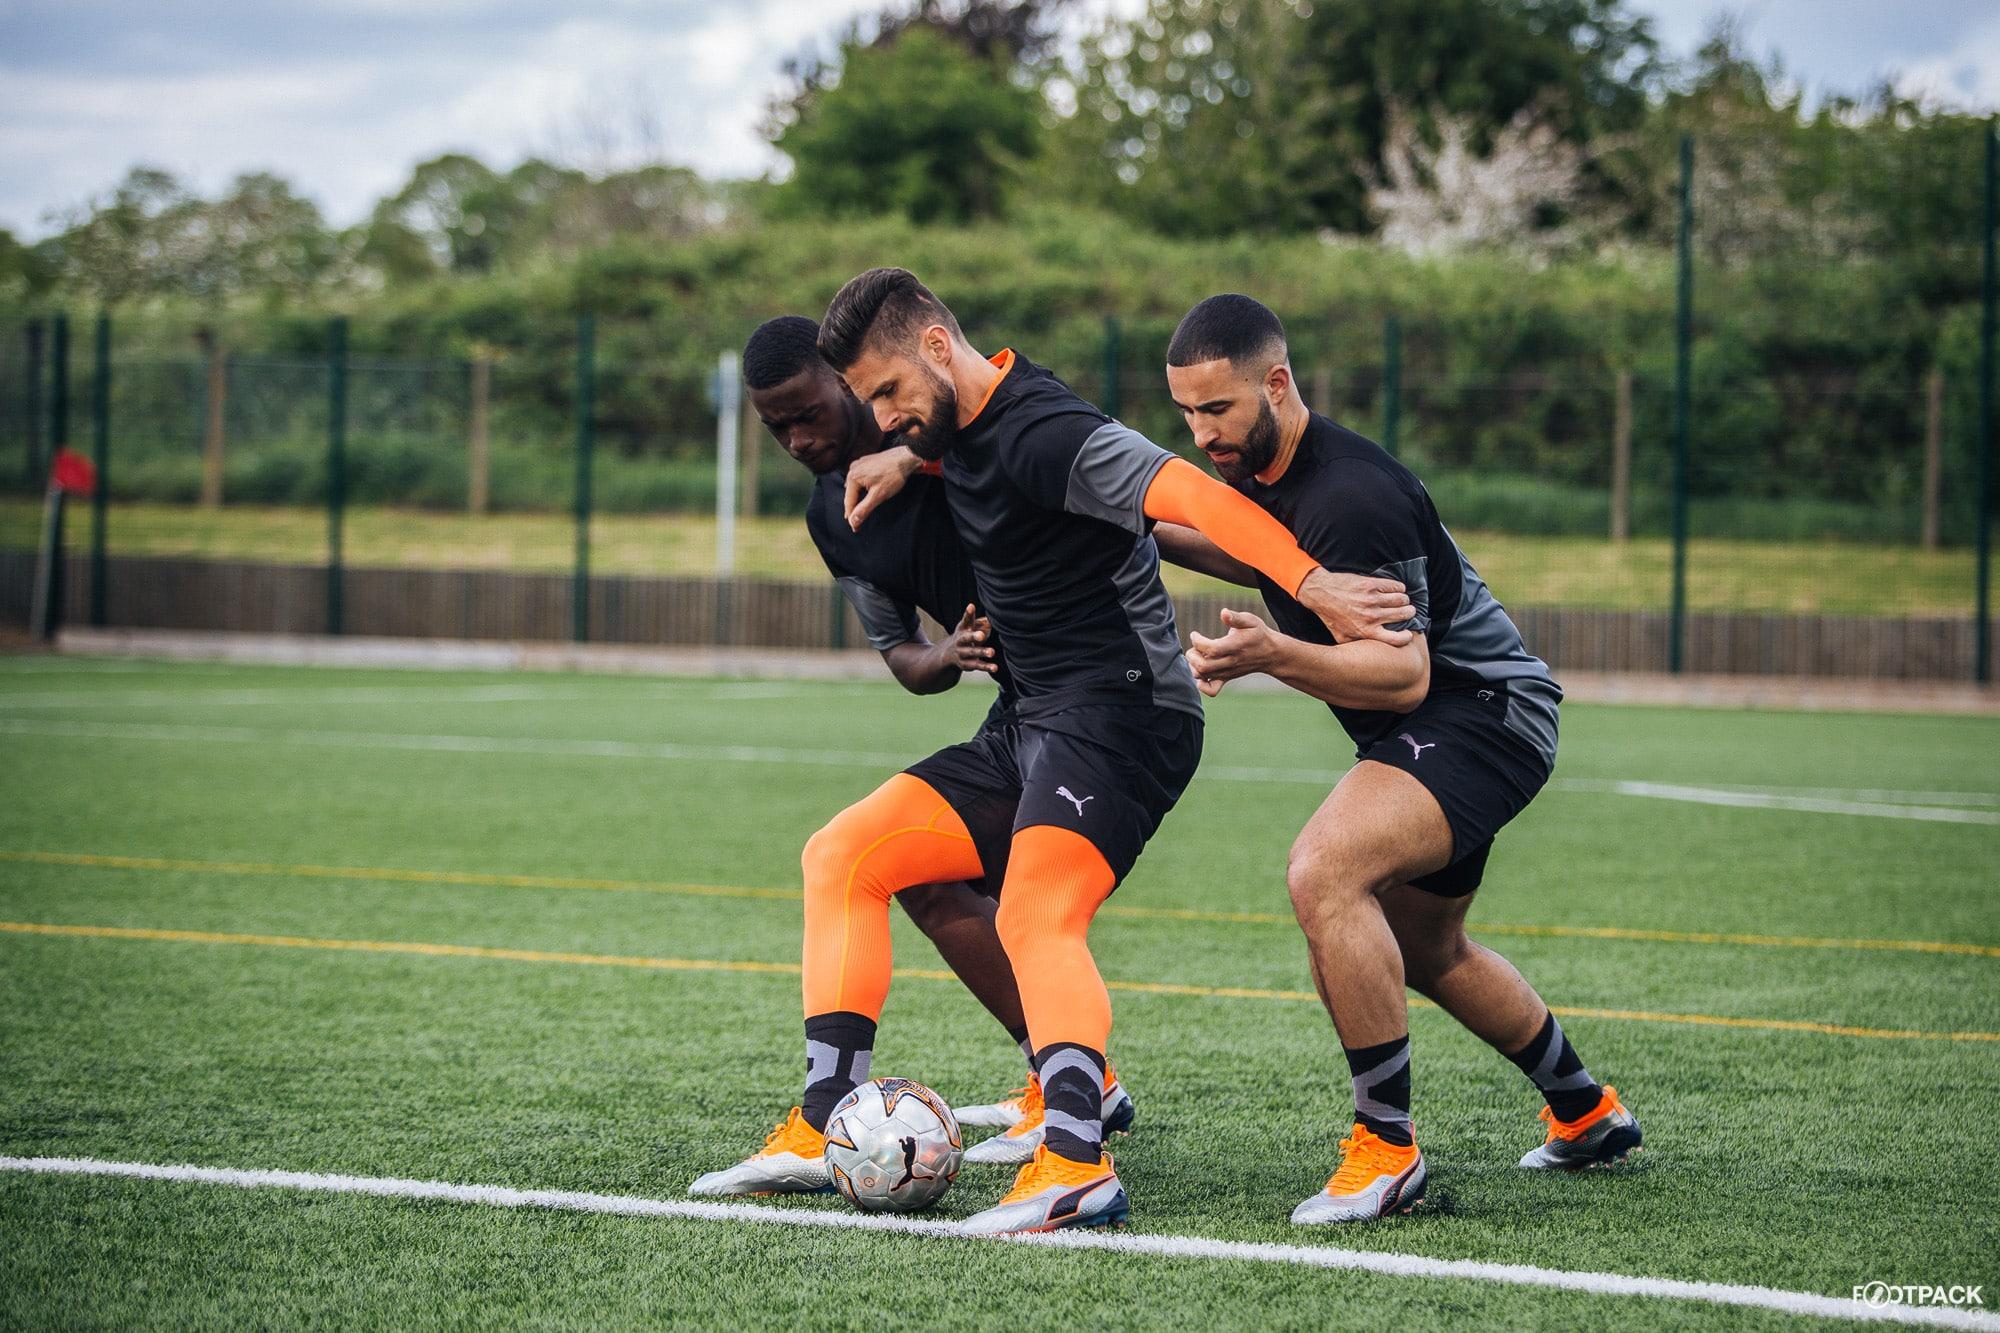 chaussures-football-puma-one-giroud-UpRising-juillet-2018-2